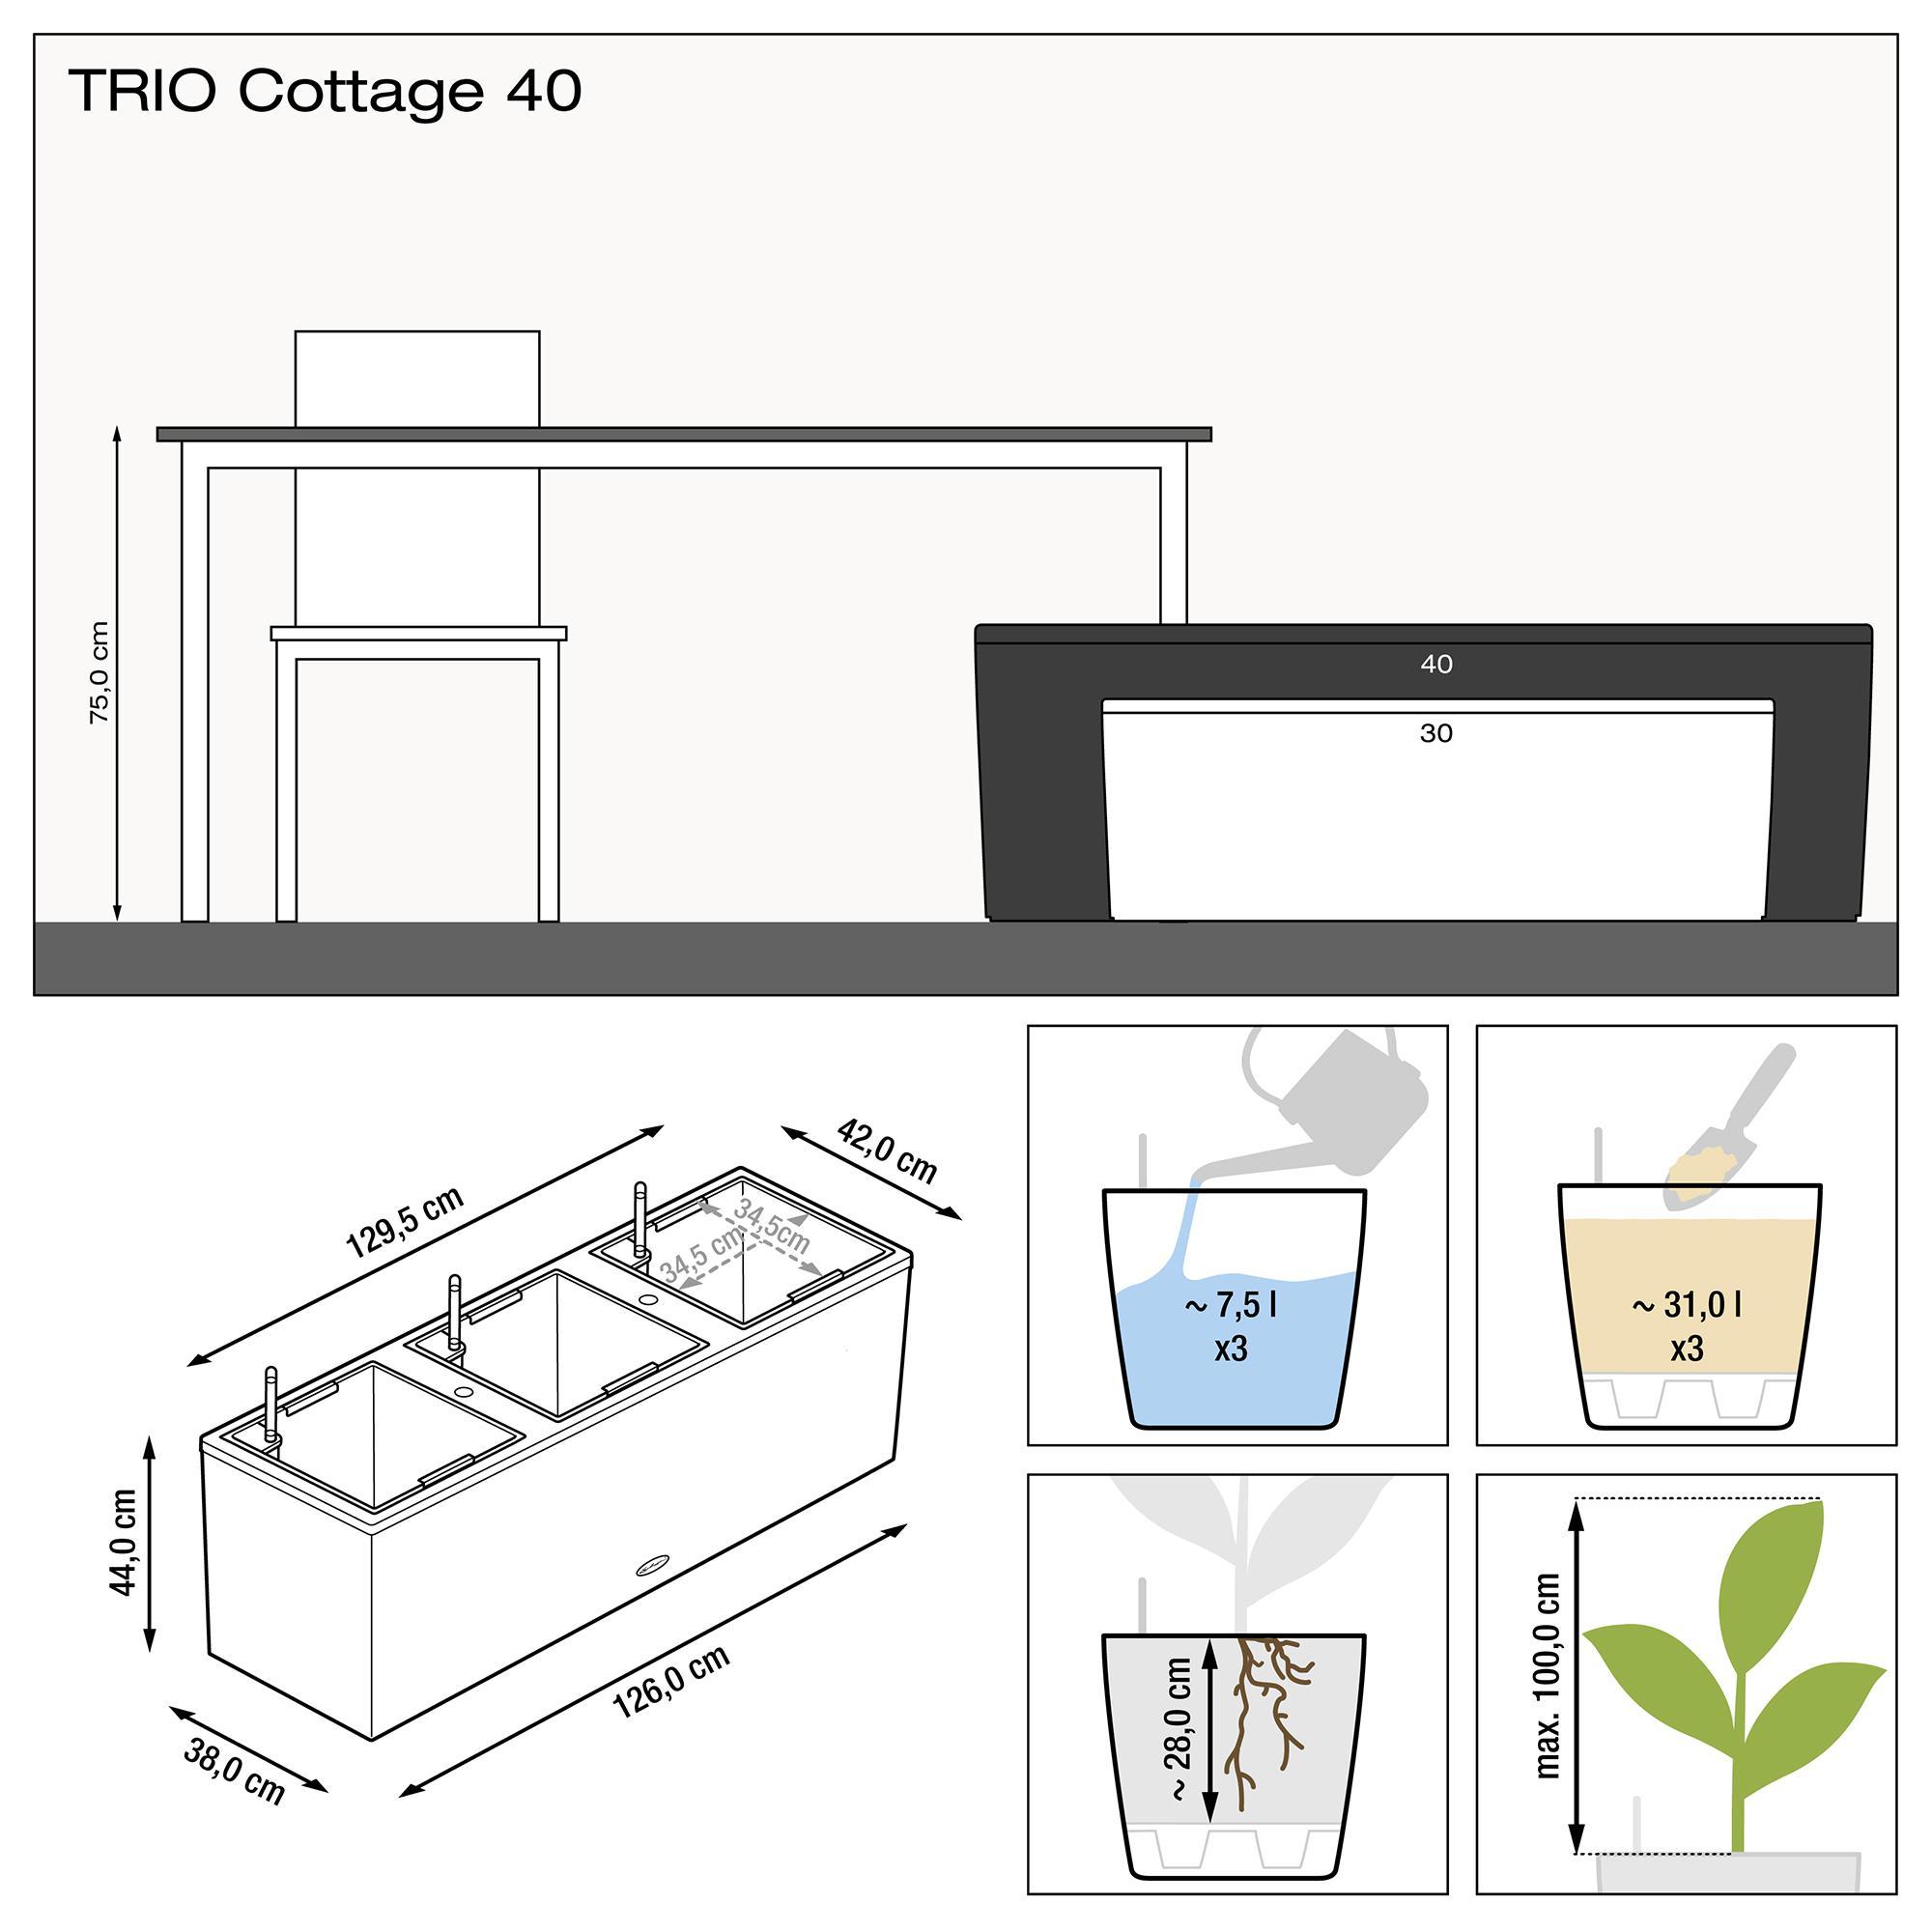 TRIO Cottage 40 granit - Bild 3